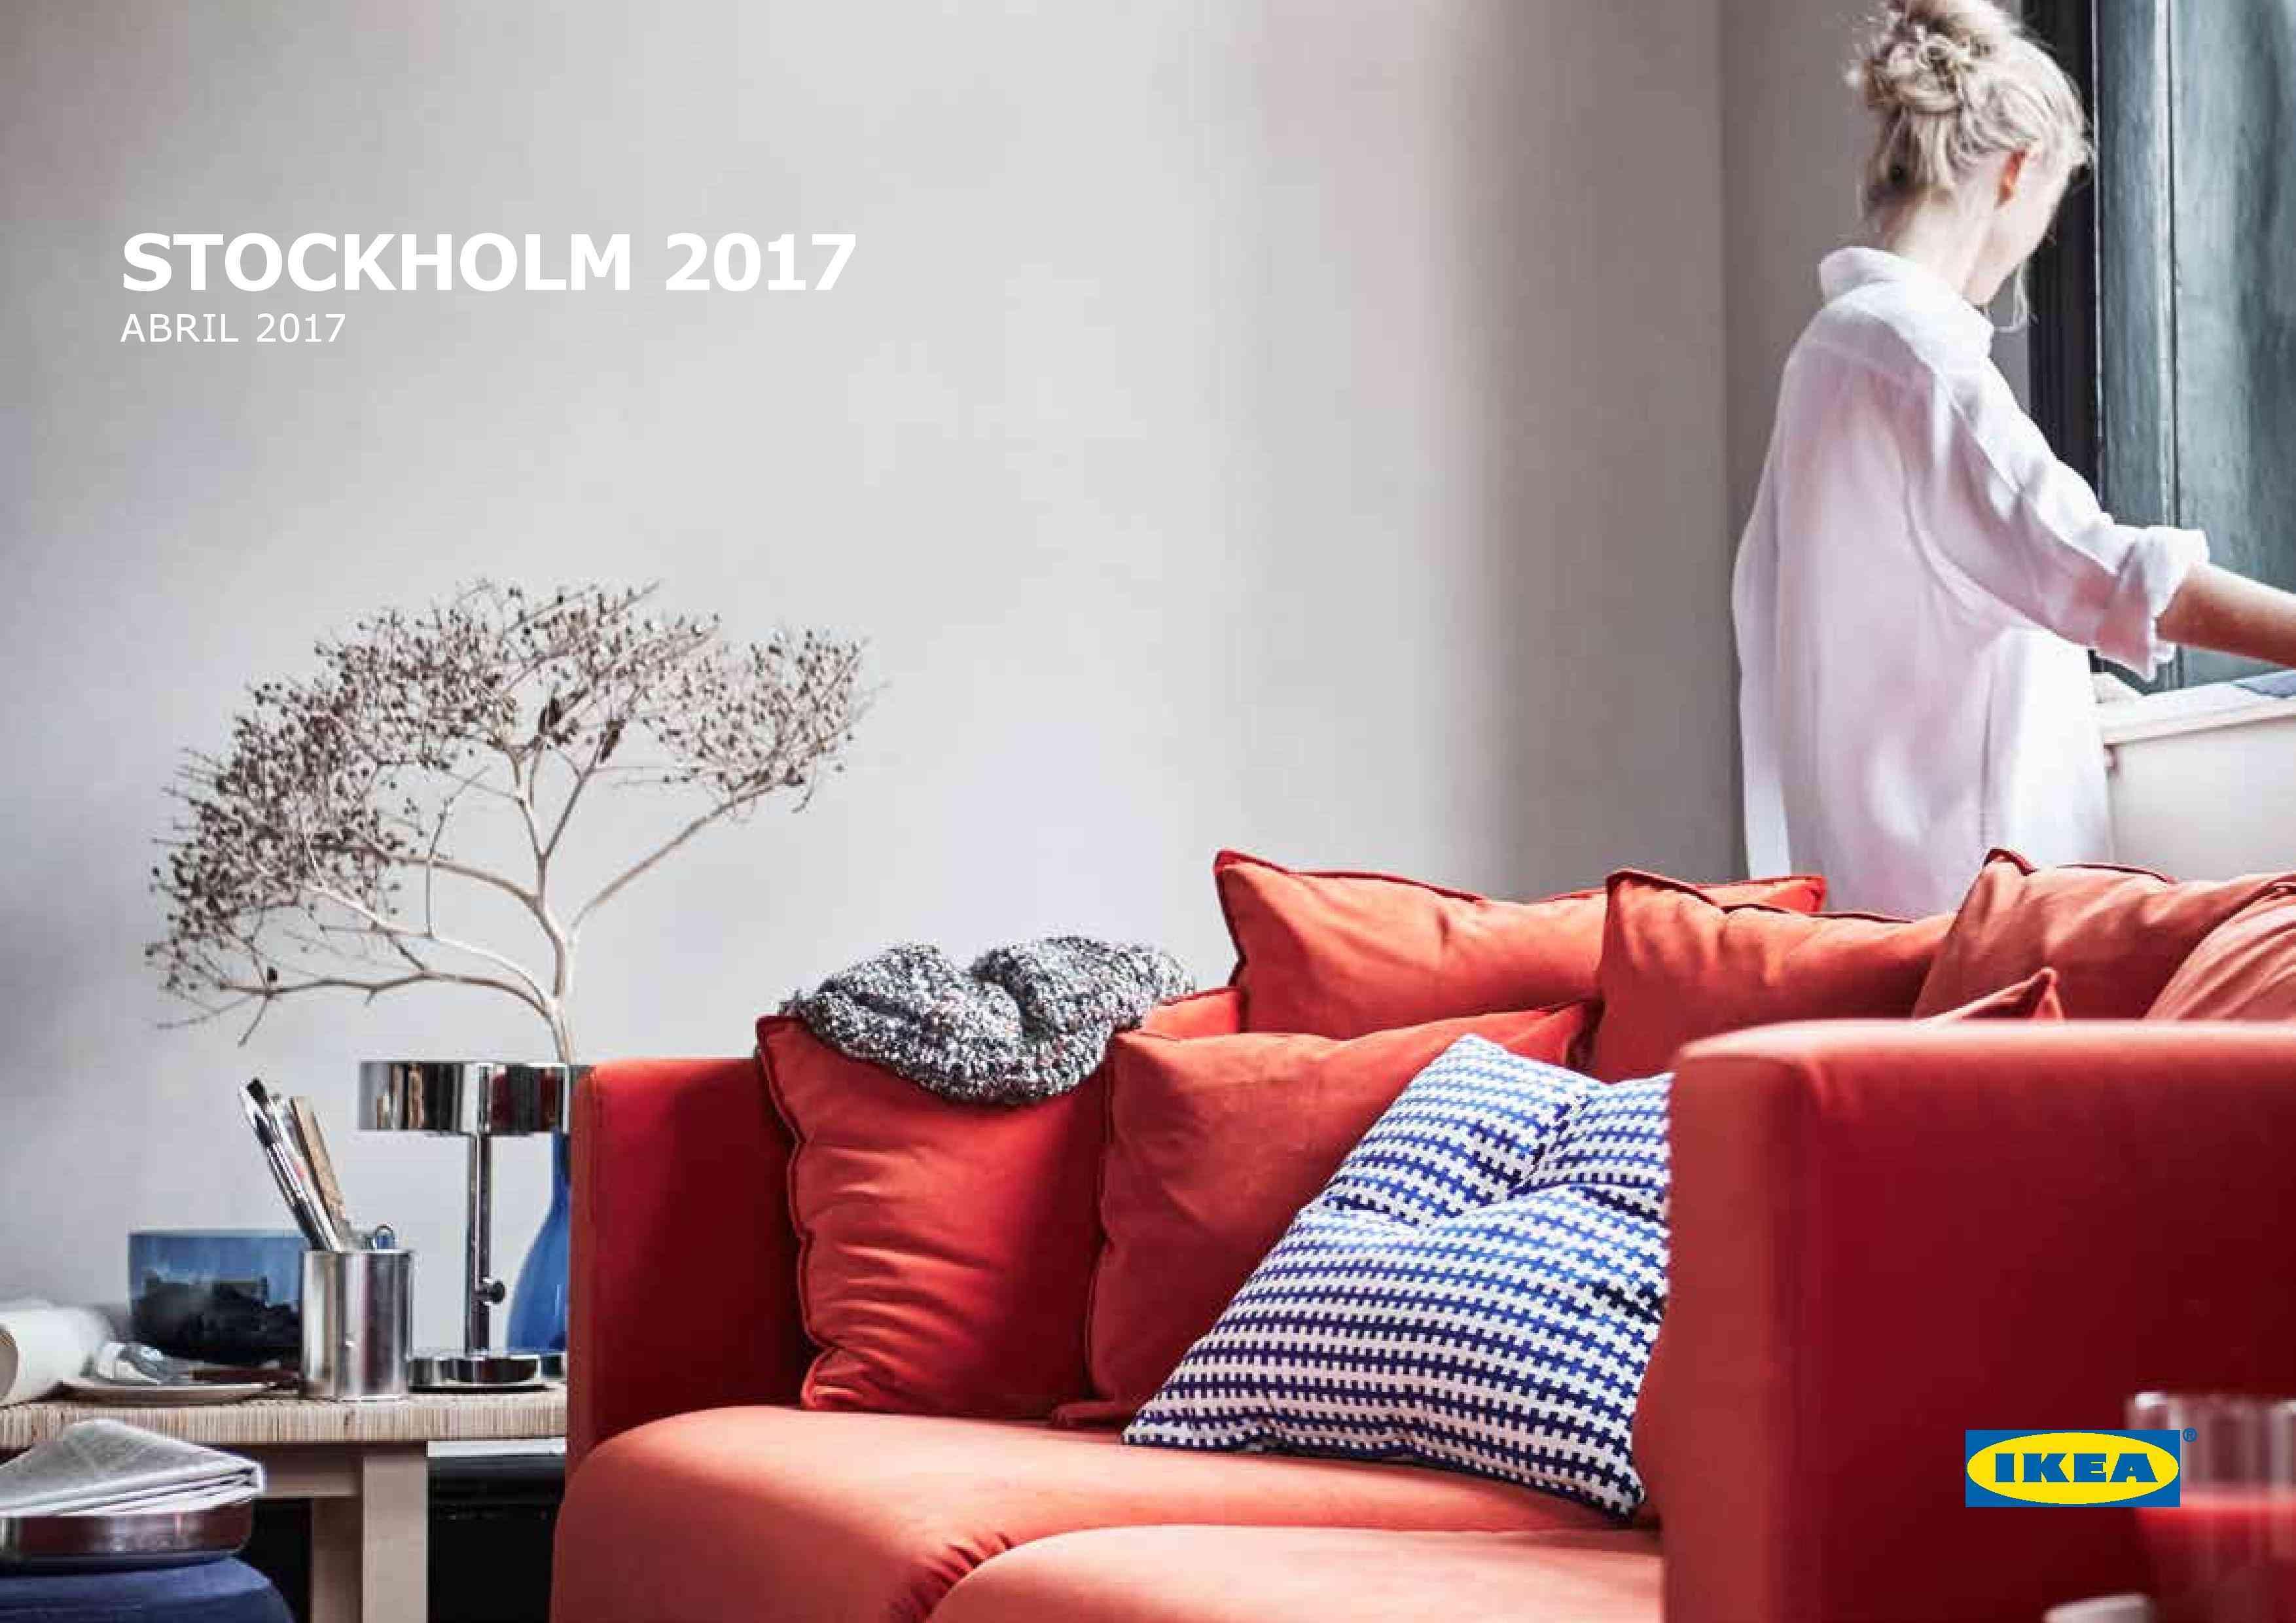 Disfruta la vida sin prisas con la colección Stockholm 2017 de IKEA 95